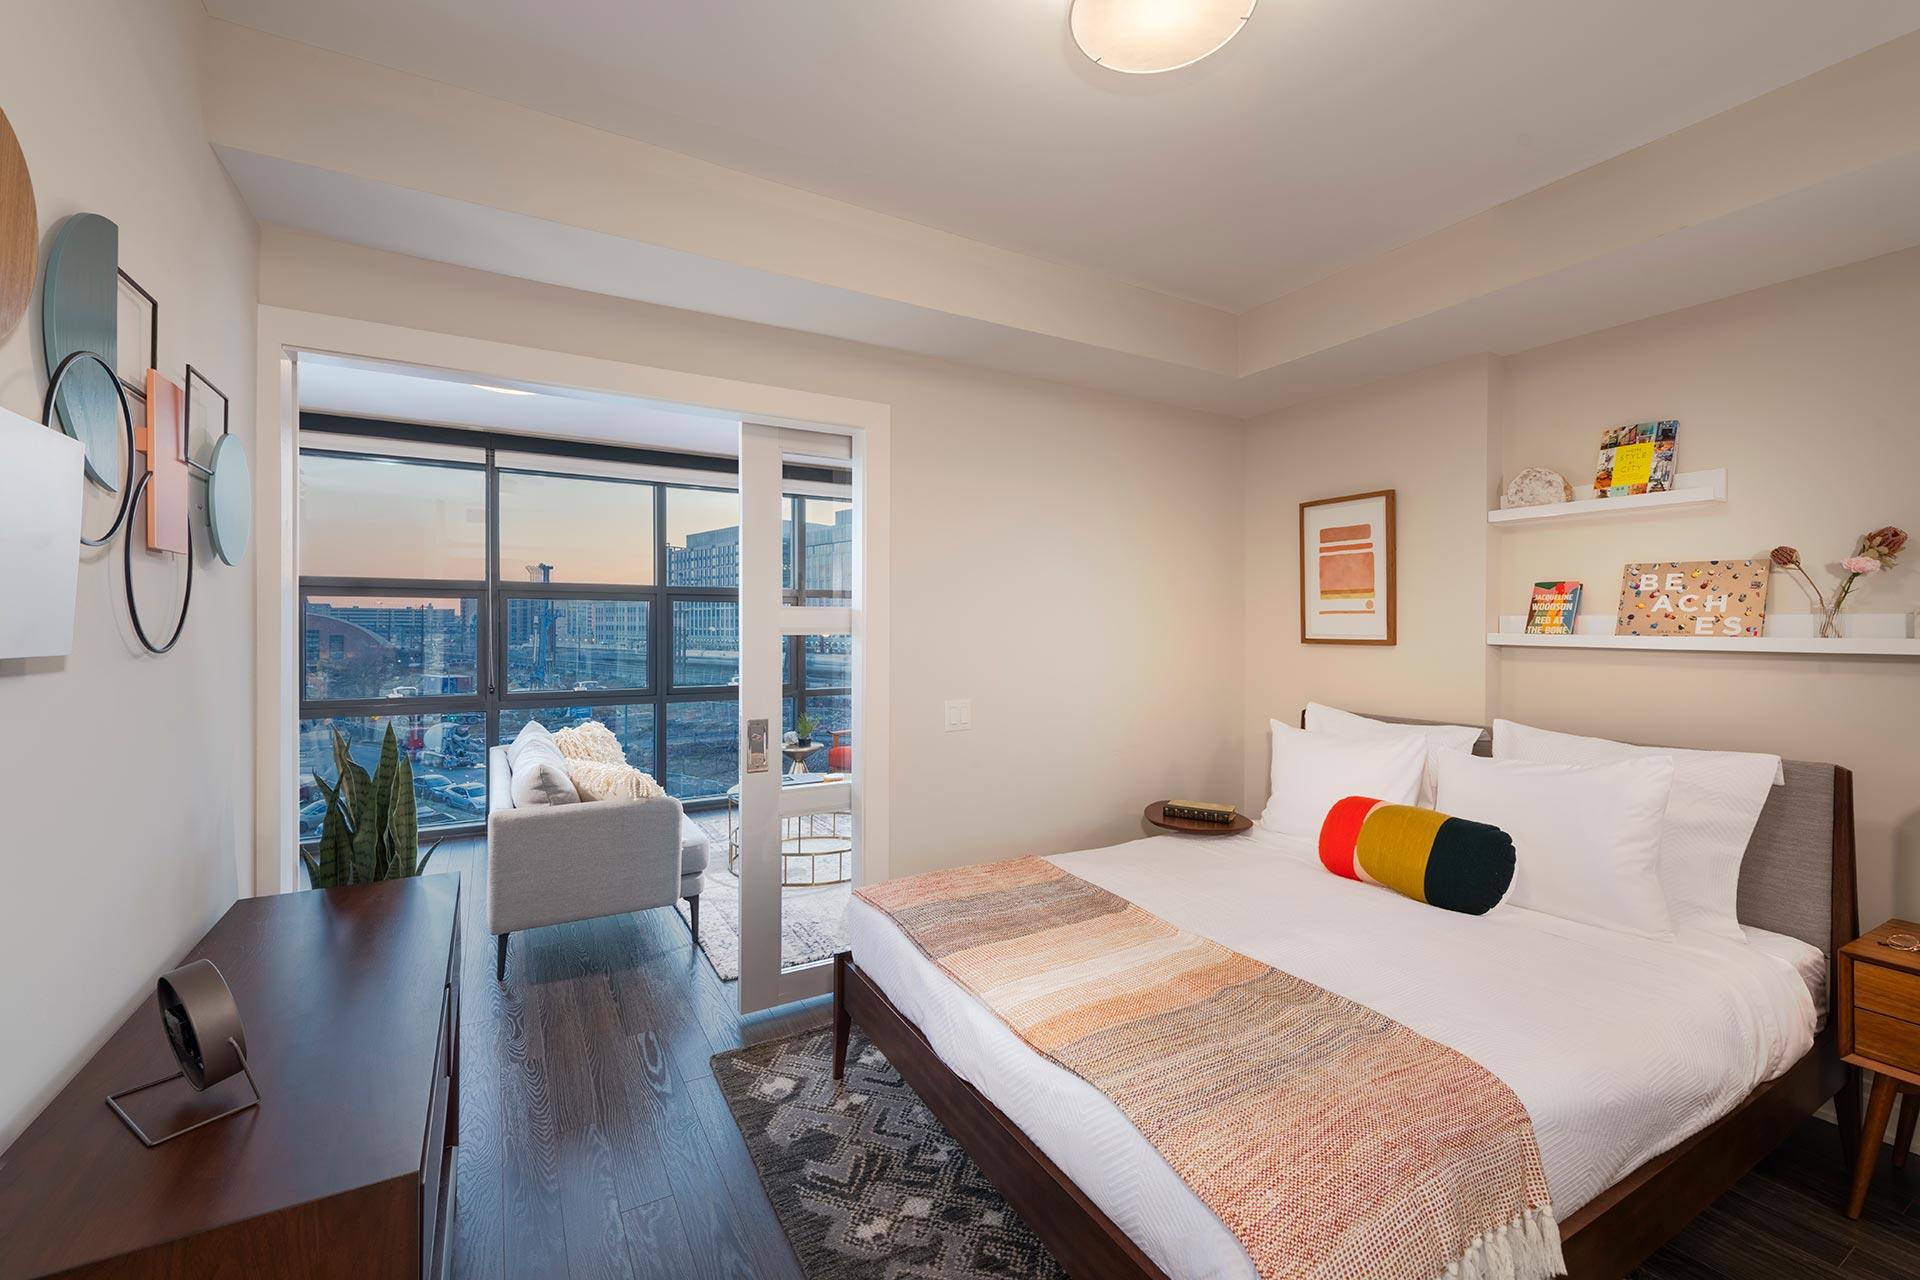 bedroom pocket door opens to living room